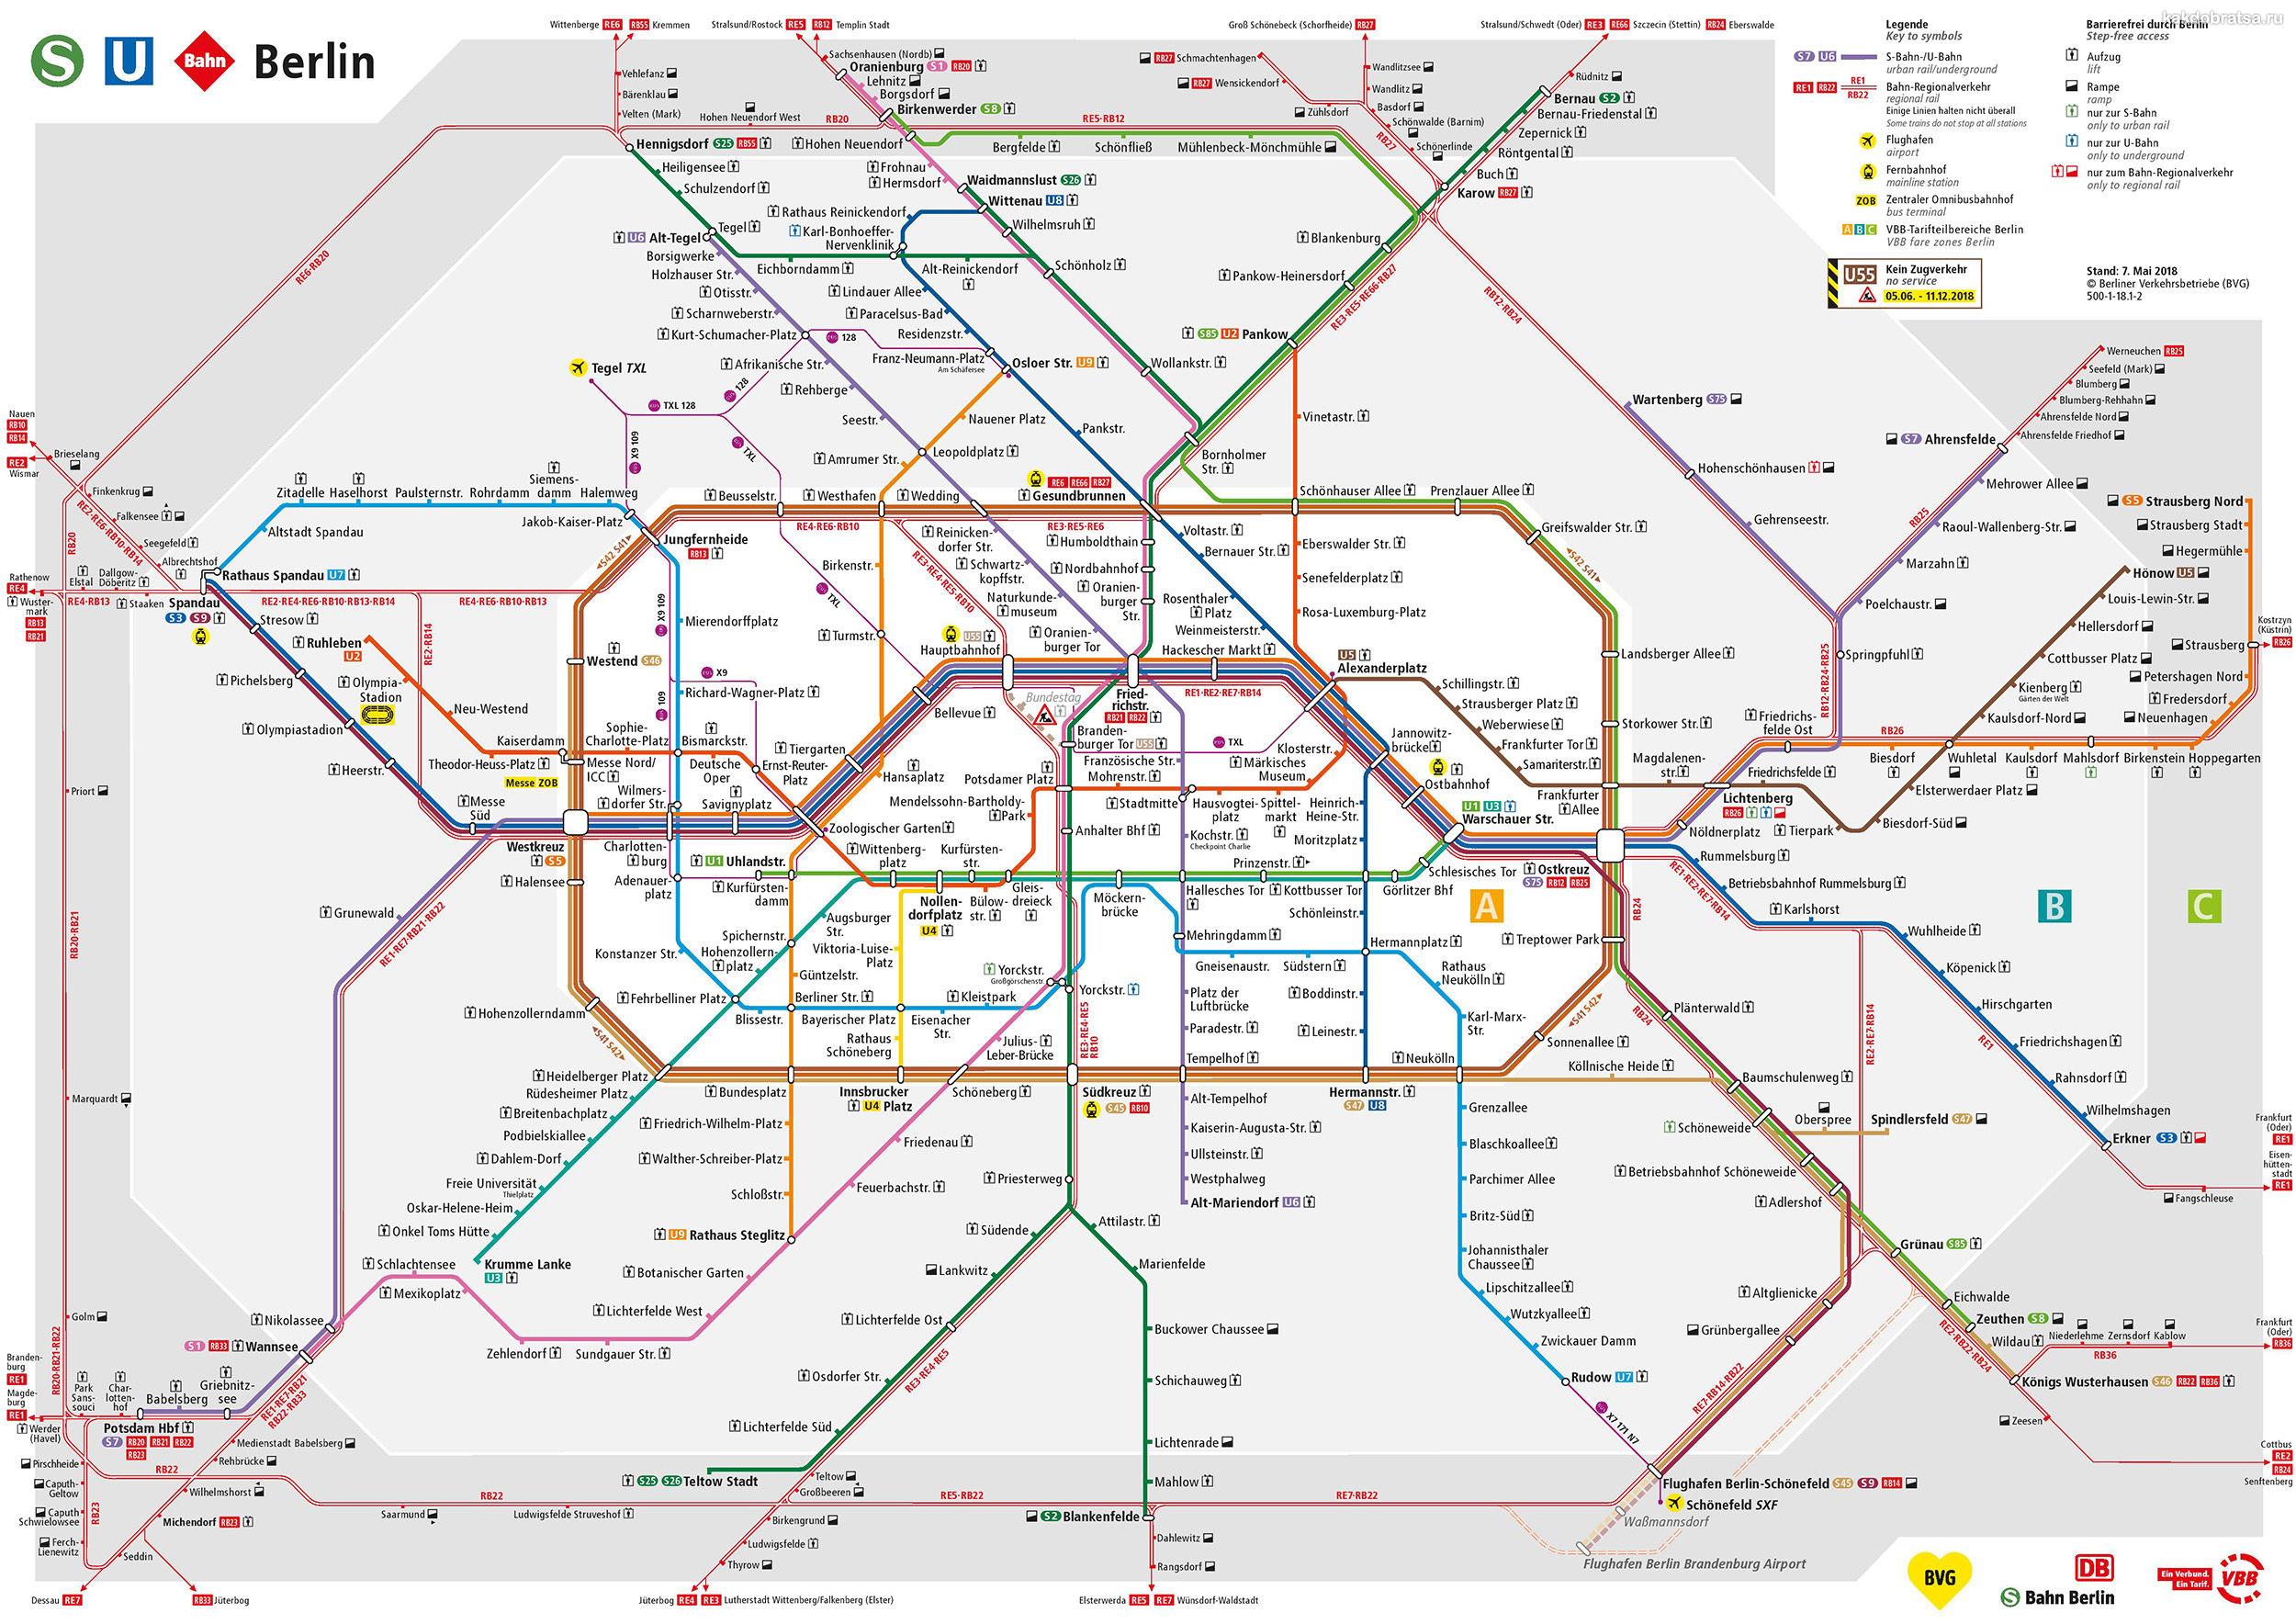 Берлин карта метро и электричек